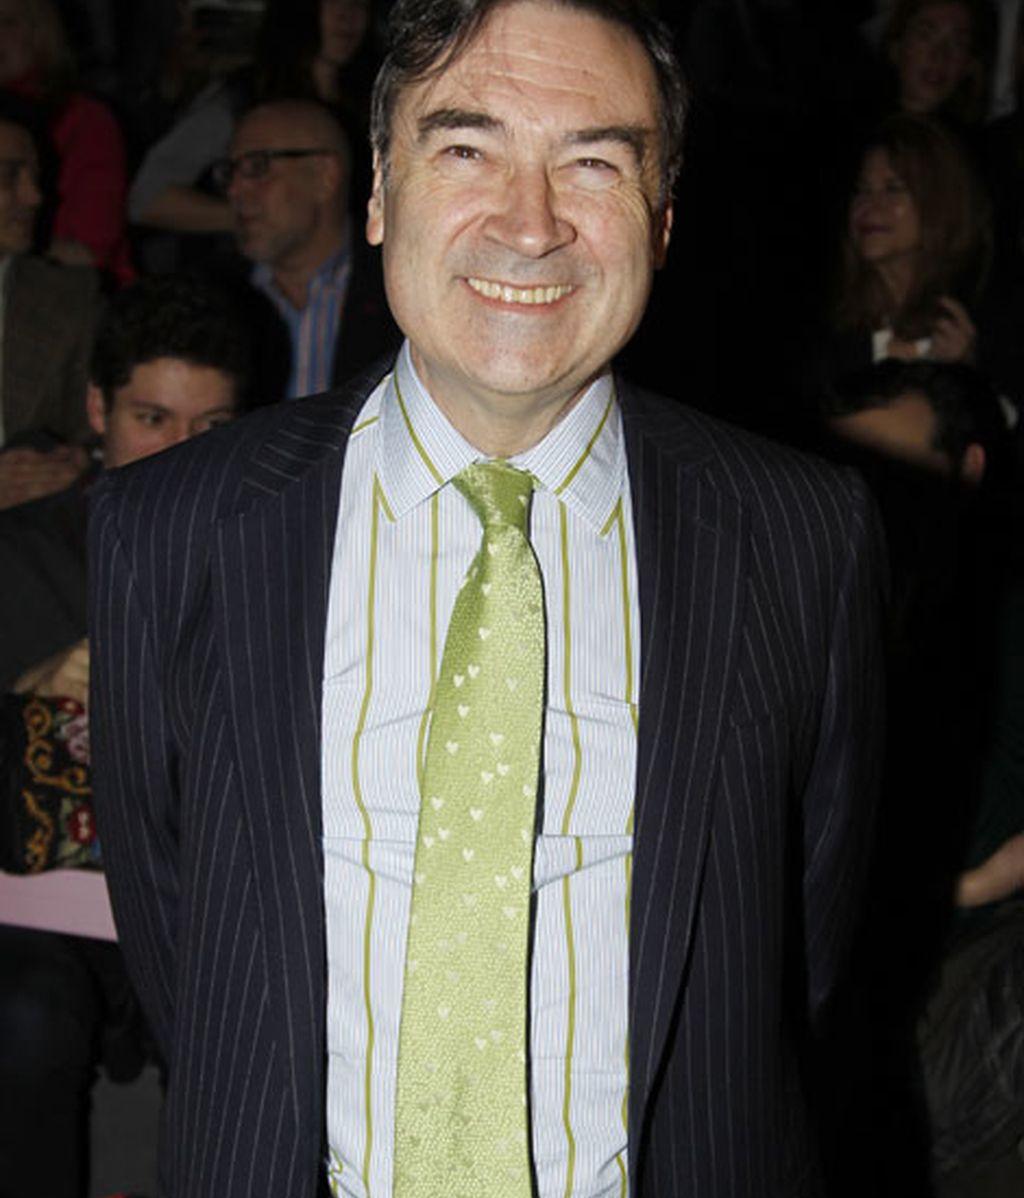 Pedro J. Ramirez en el desfile de Ágatha Ruiz de la Prada